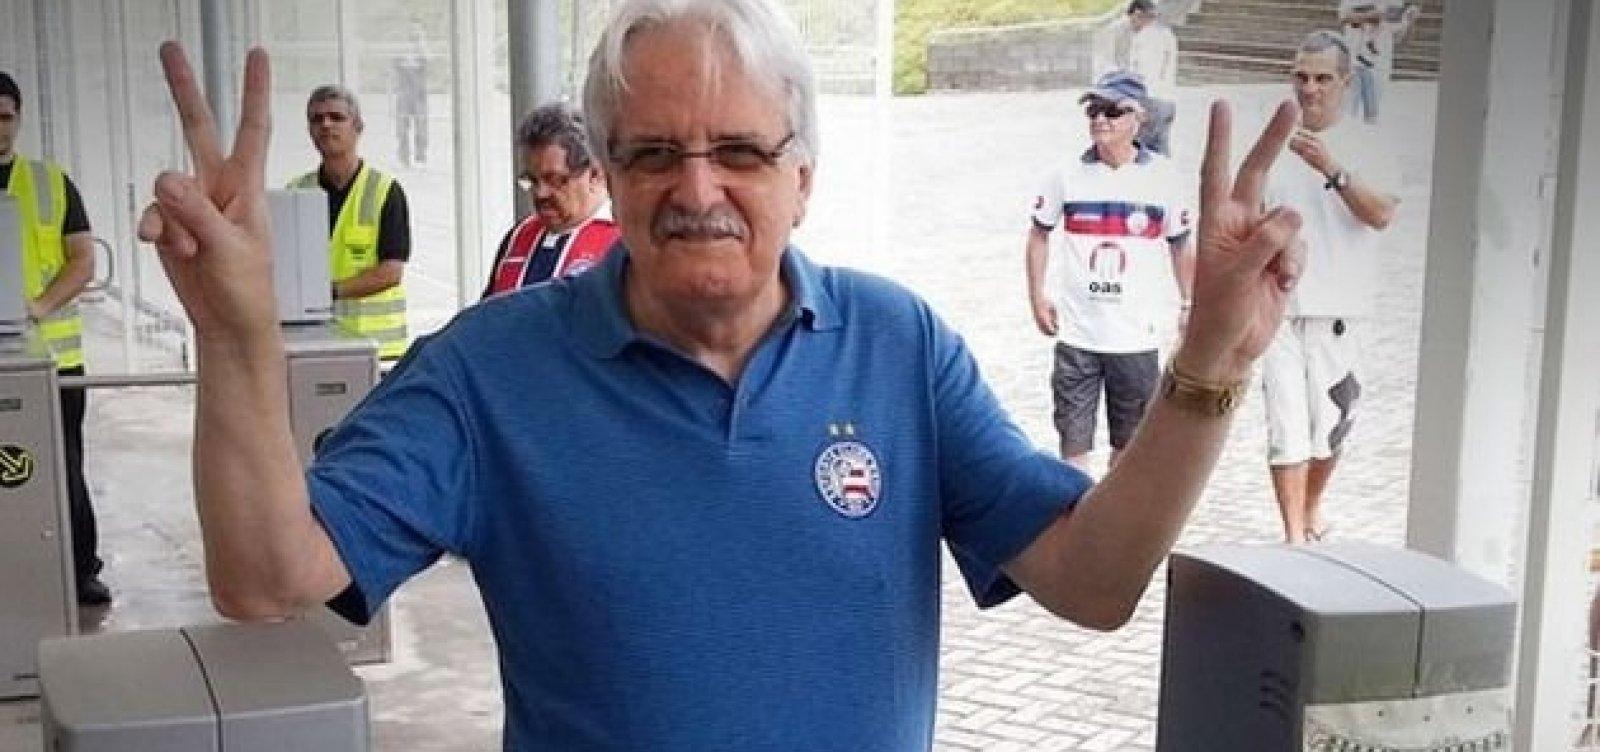 [Internado desde quinta, ex-presidente do Bahia Fernando Schmidt é transferido para UTI]